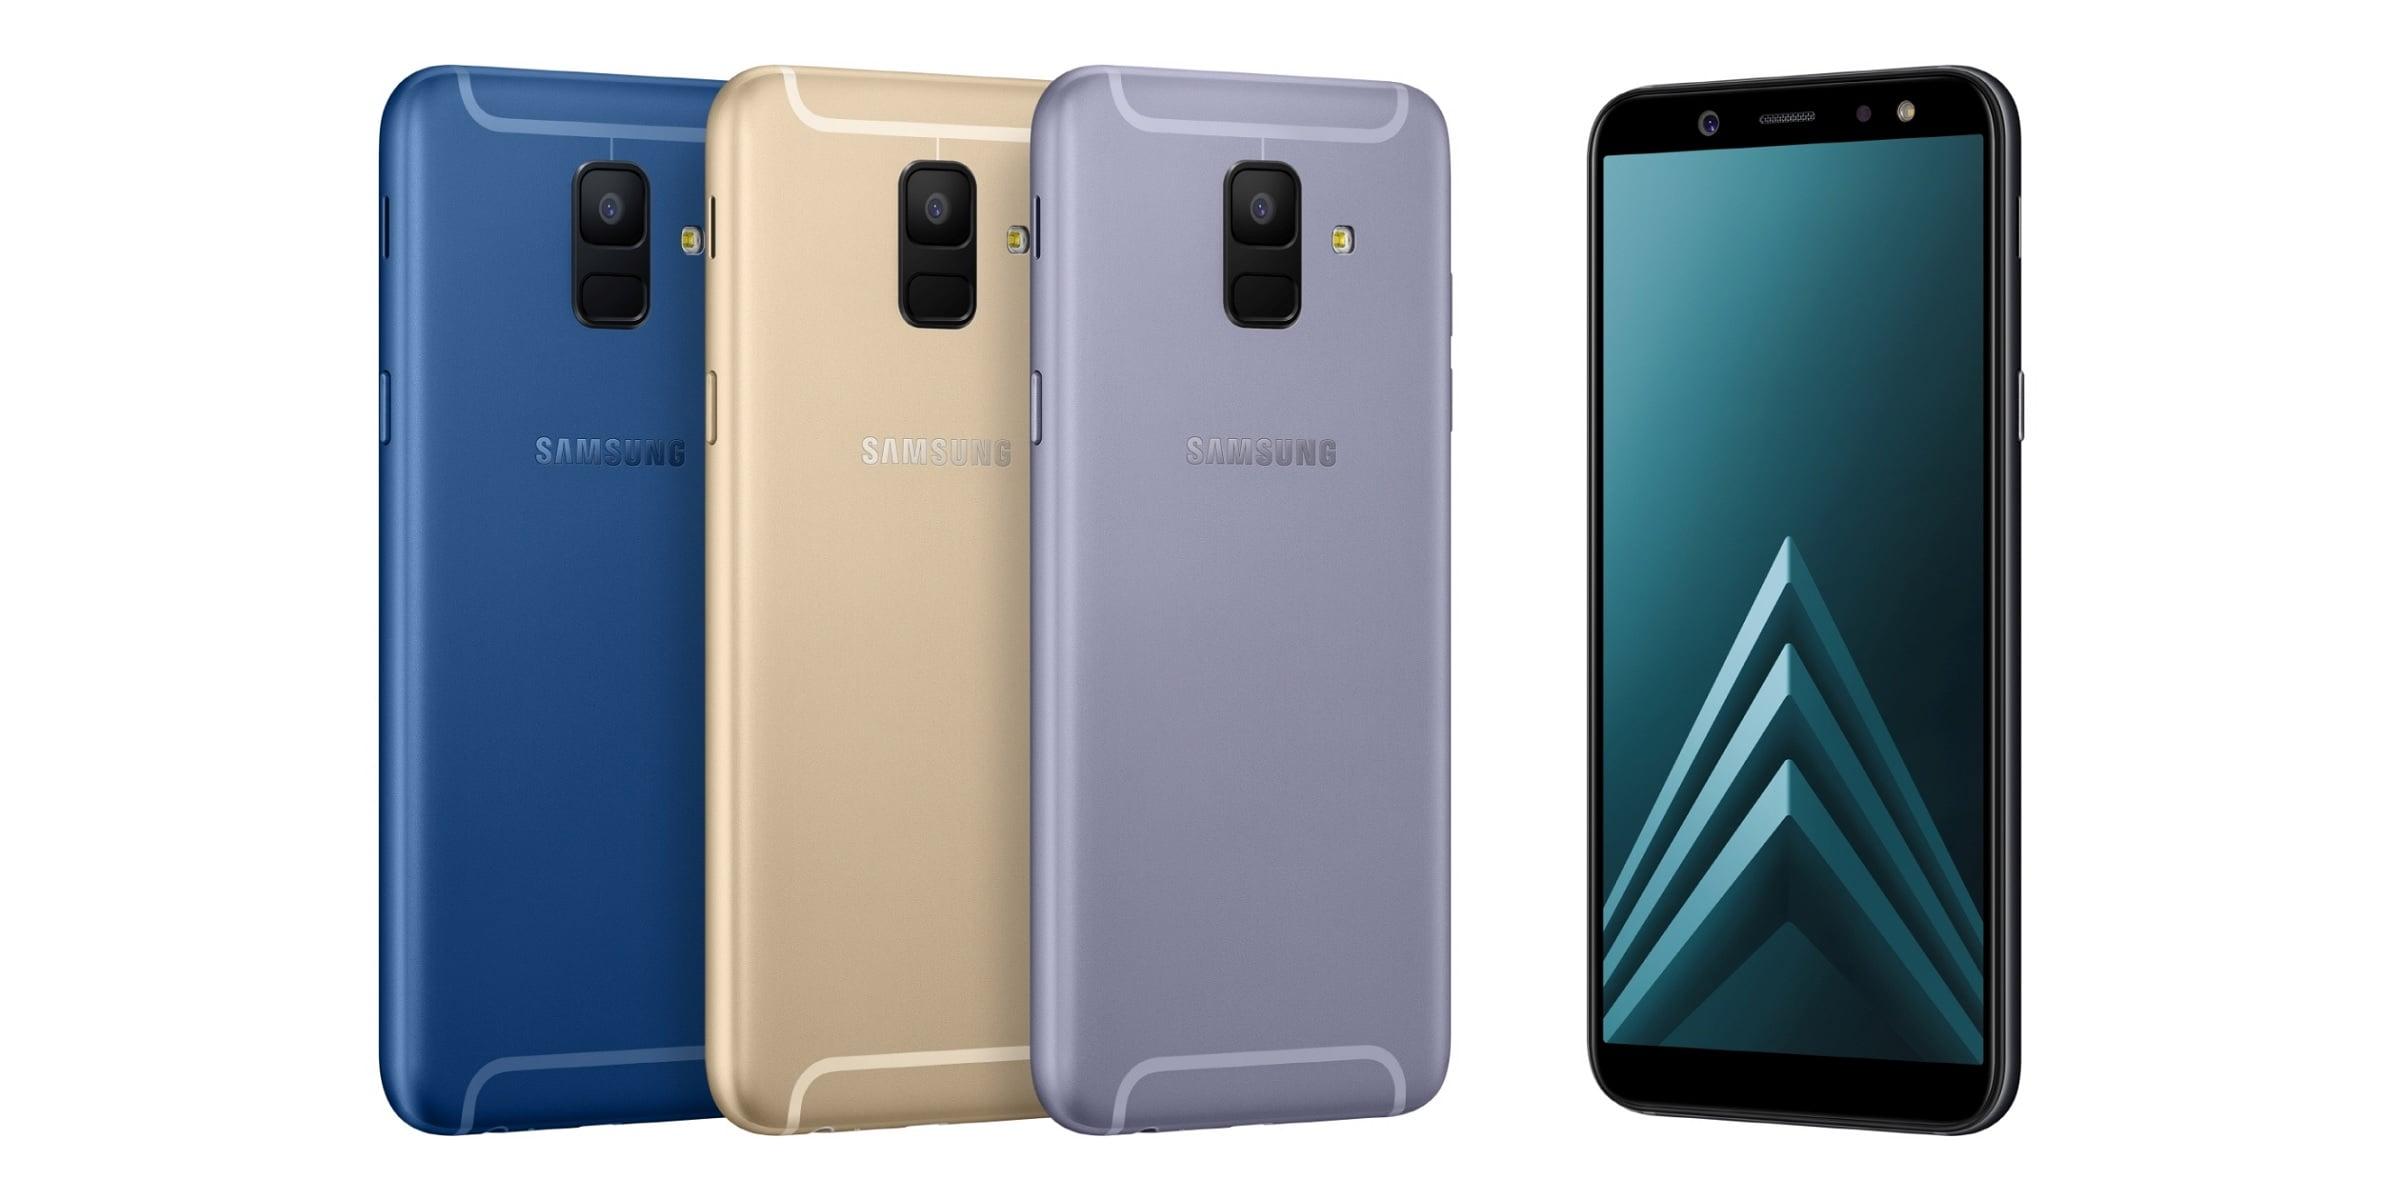 Samsung Galaxy A6 trafił do sprzedaży w Polsce i... cóż, ta cena nie zachęca do zakupu 16